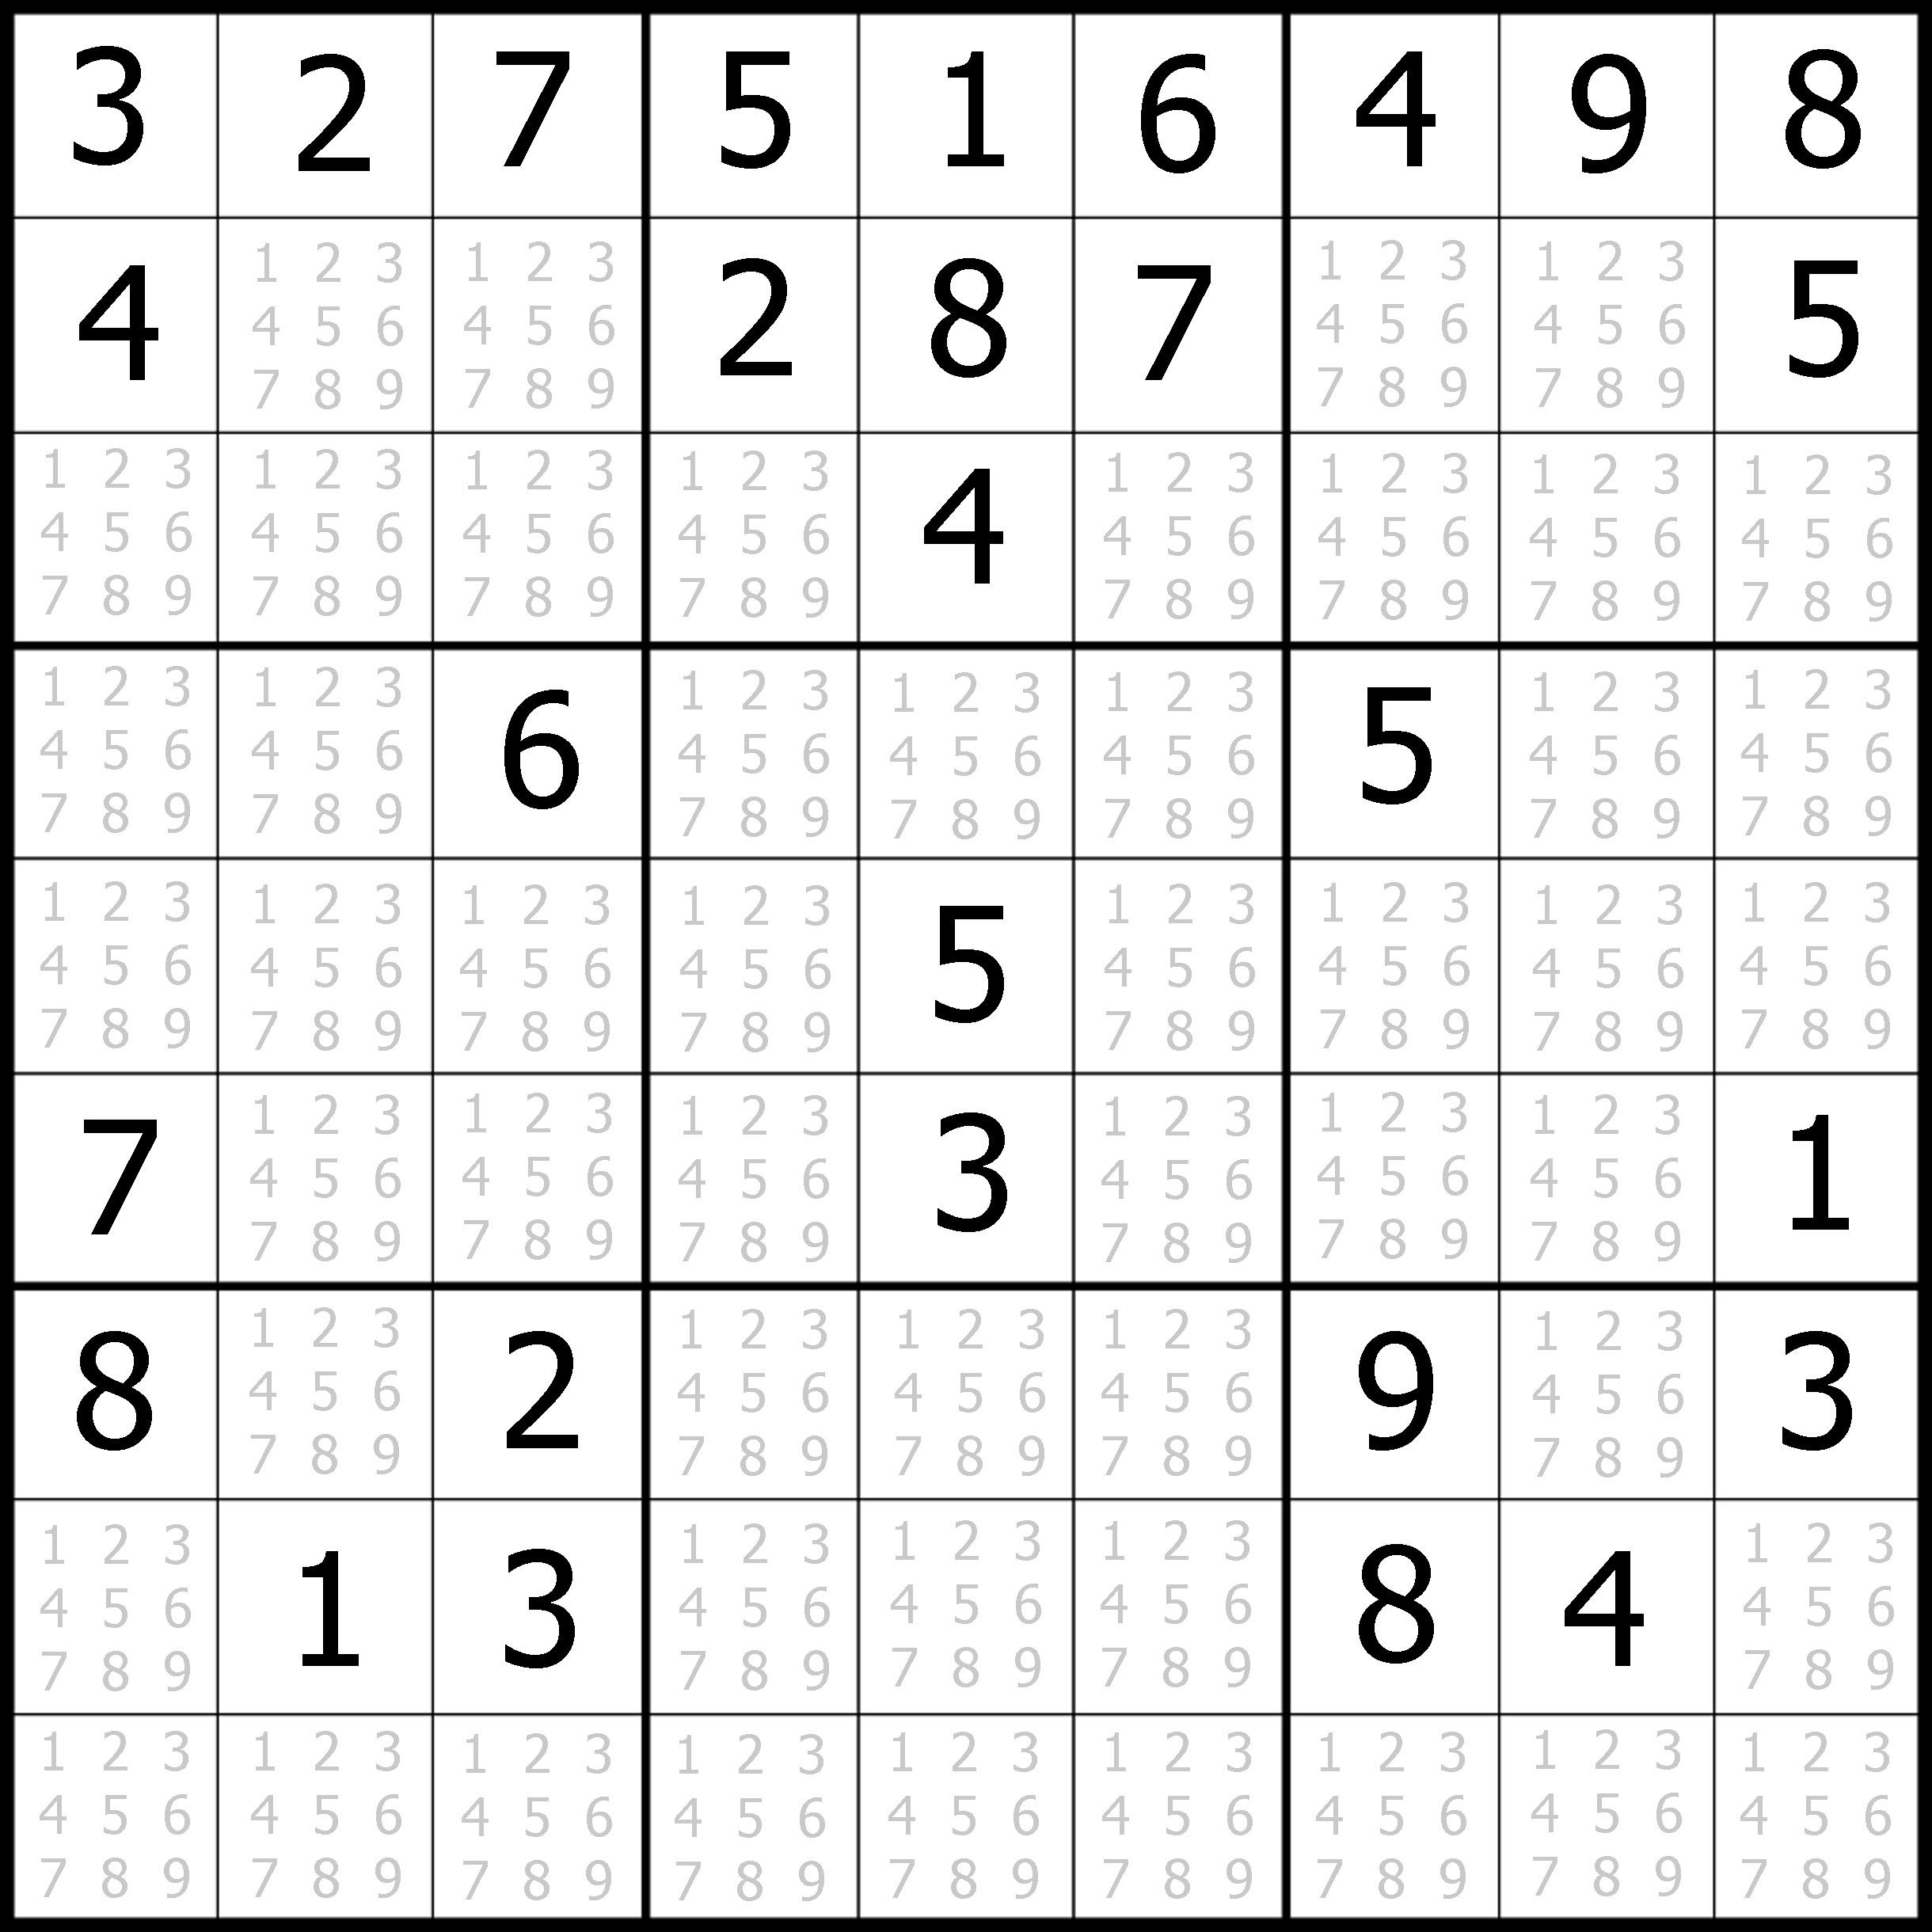 Sudoku Printable | Free, Medium, Printable Sudoku Puzzle #1 | My - Printable Sudoku Puzzles For Adults